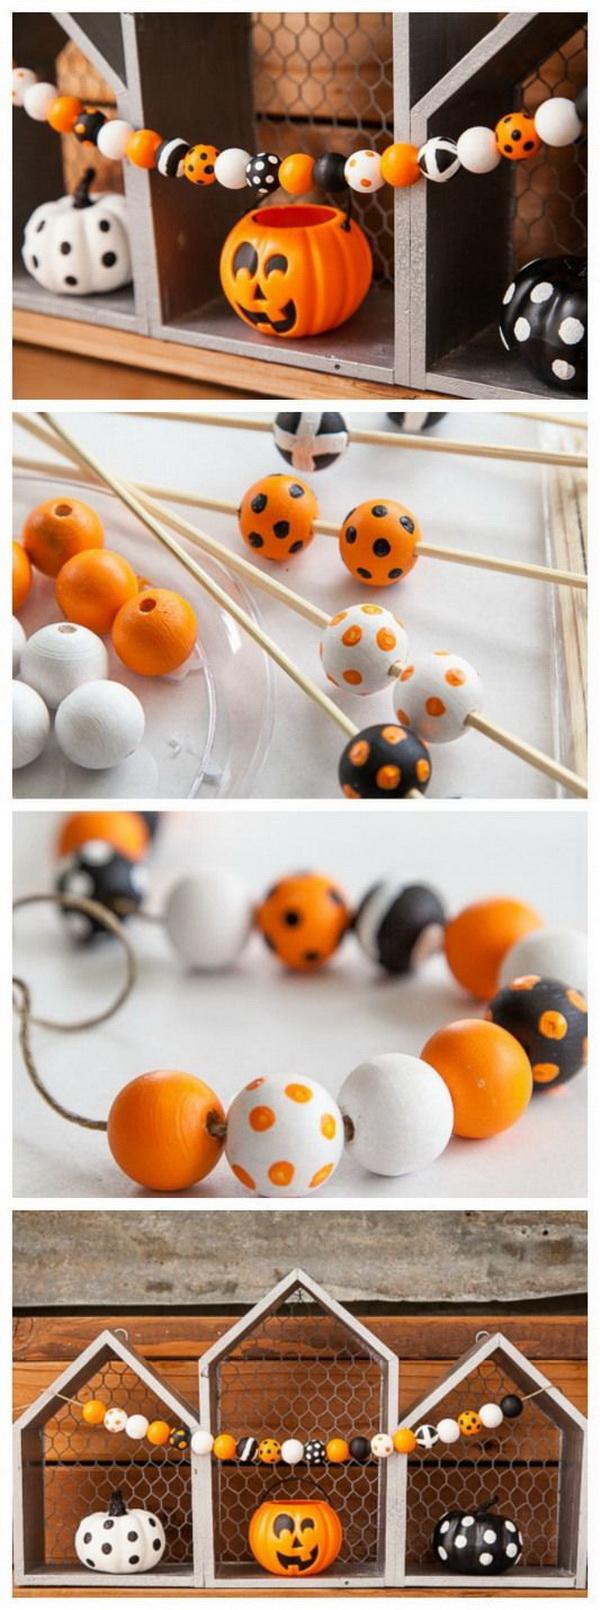 DIY Halloween Decorating Projects: DIY Halloween Wood Bead Garland.